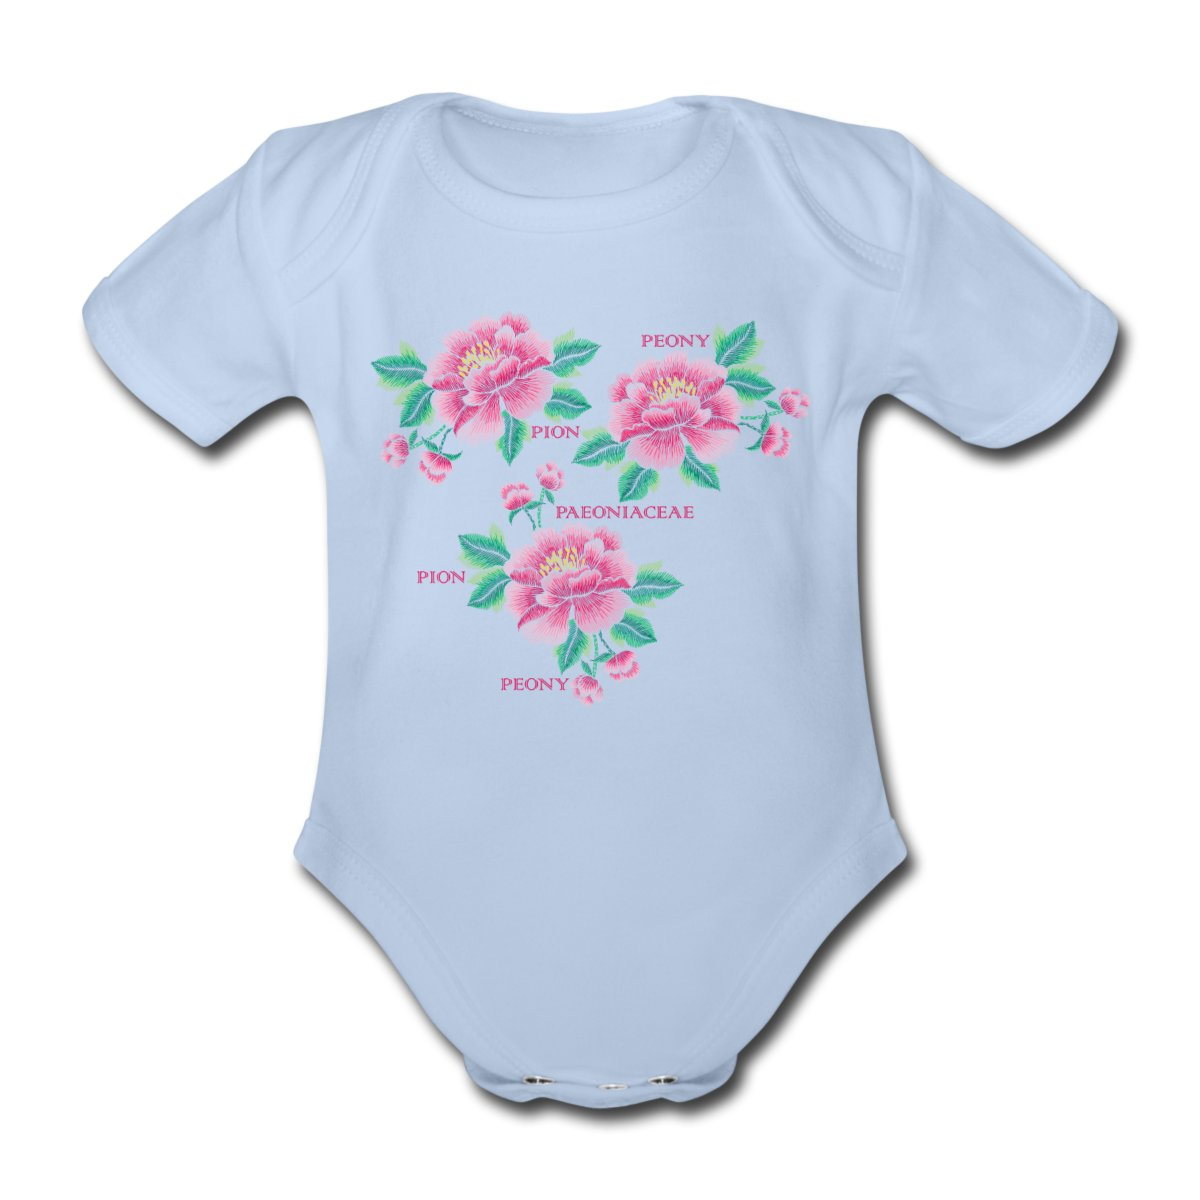 pion-ekologisk-kortaermad-babybody-blå.jpg